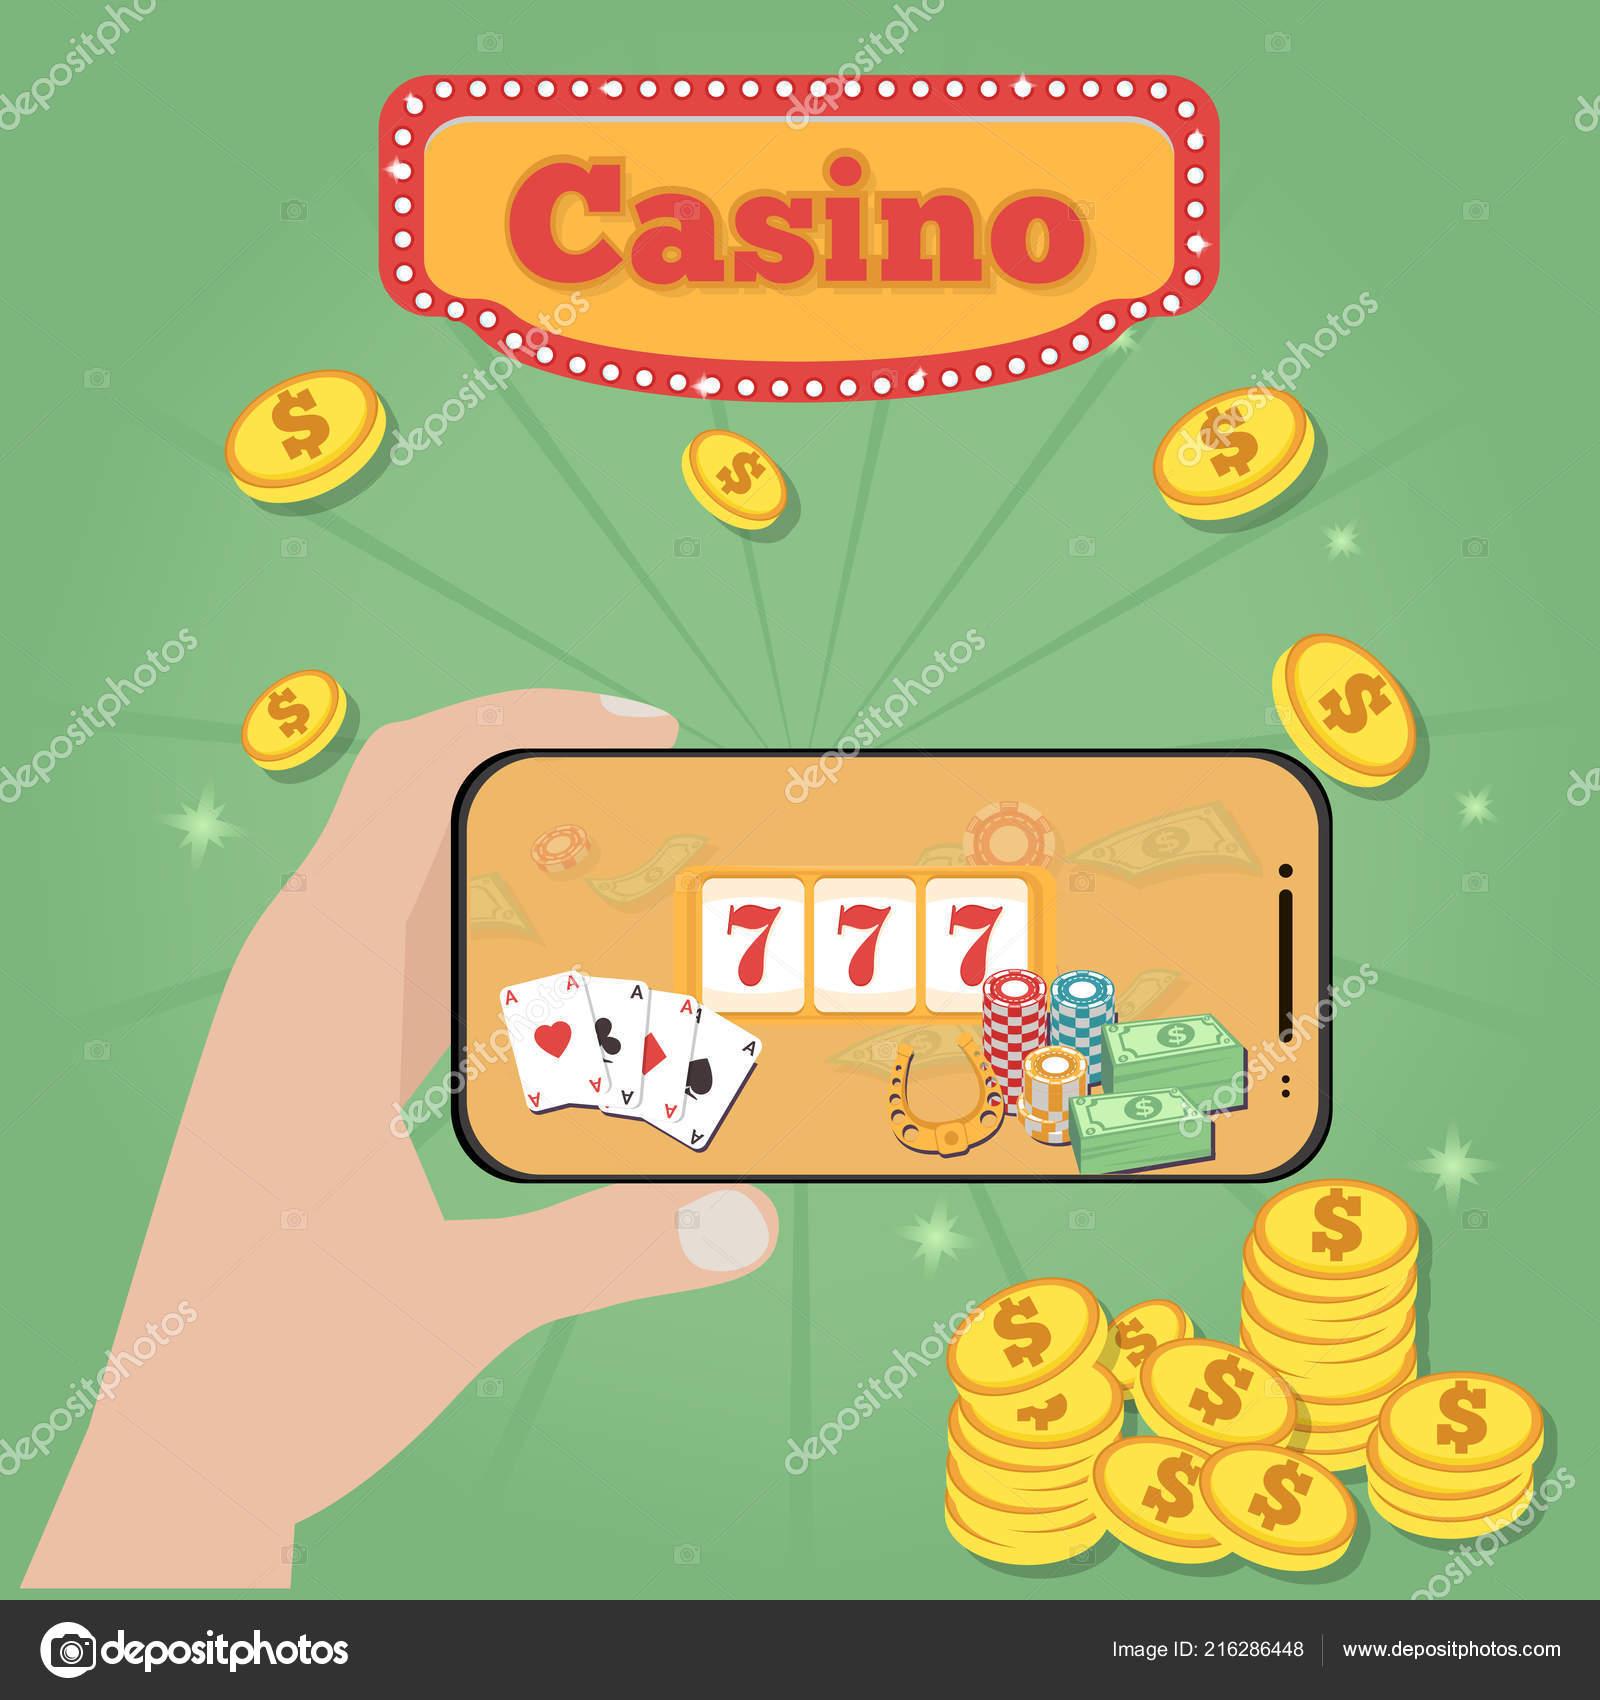 novomatic online casino no deposit bonus